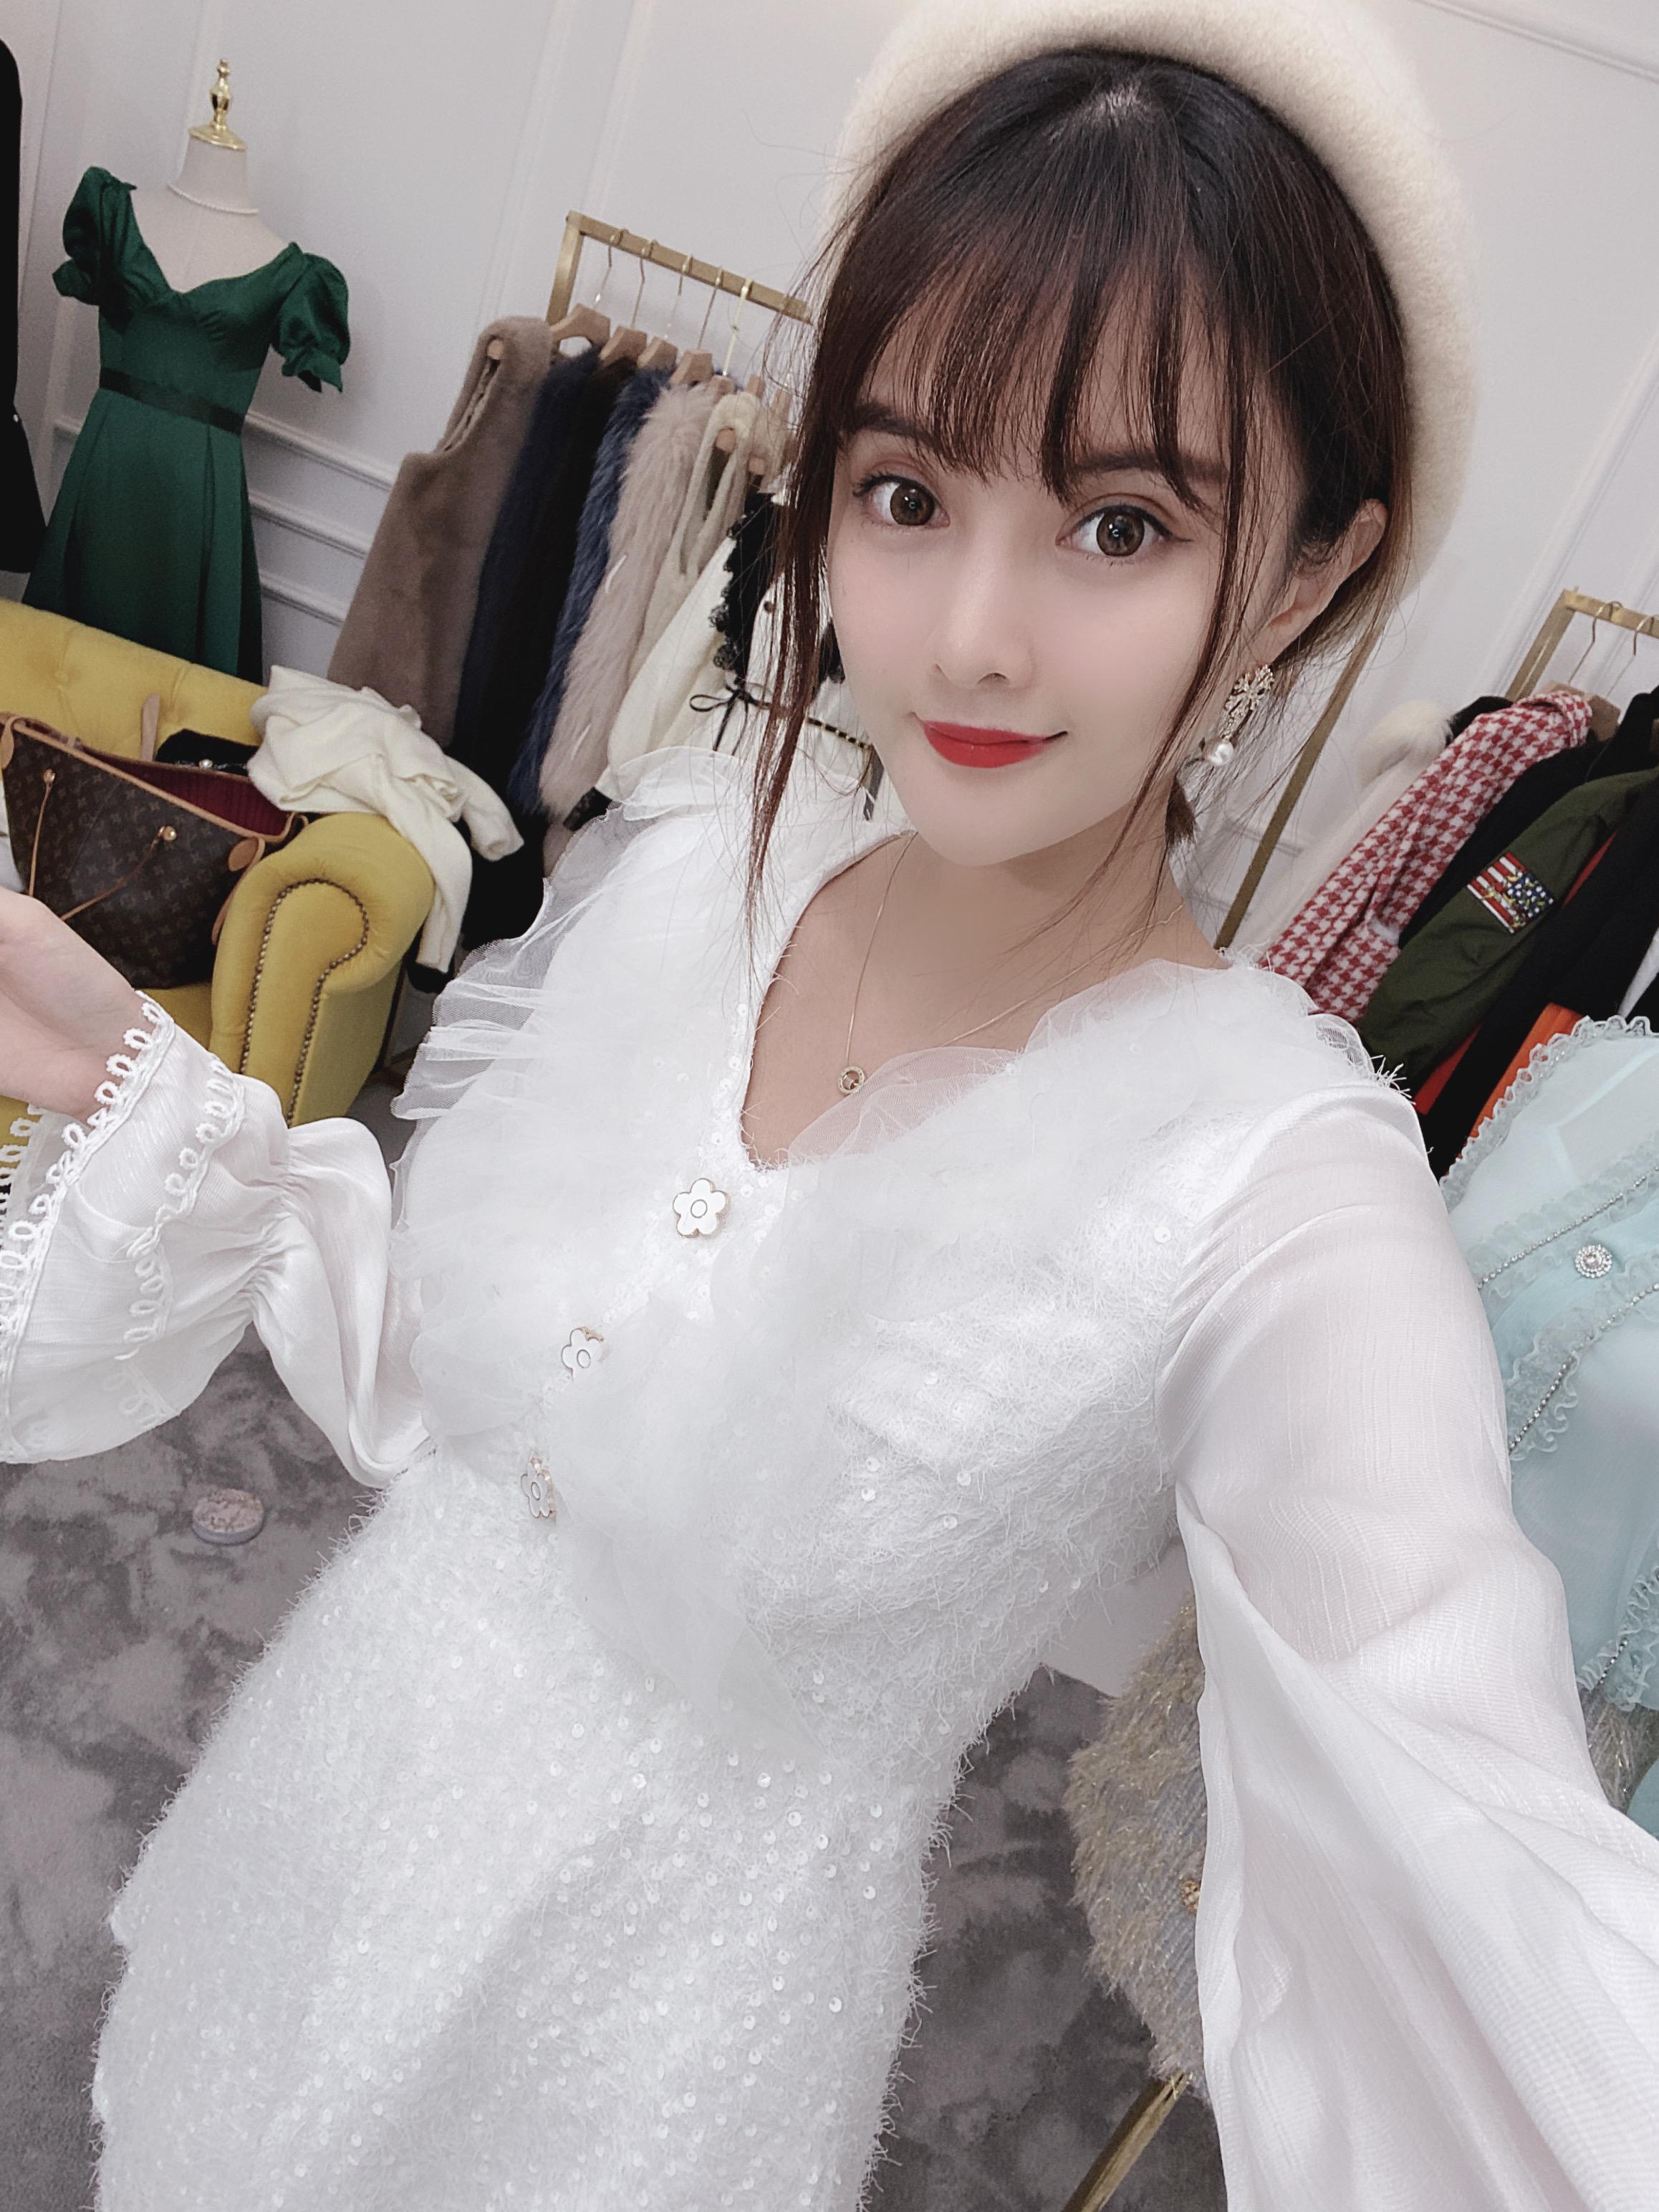 秋季女装连衣裙 VISIONZ秋季新款重工白色连衣裙_推荐淘宝好看的秋季连衣裙